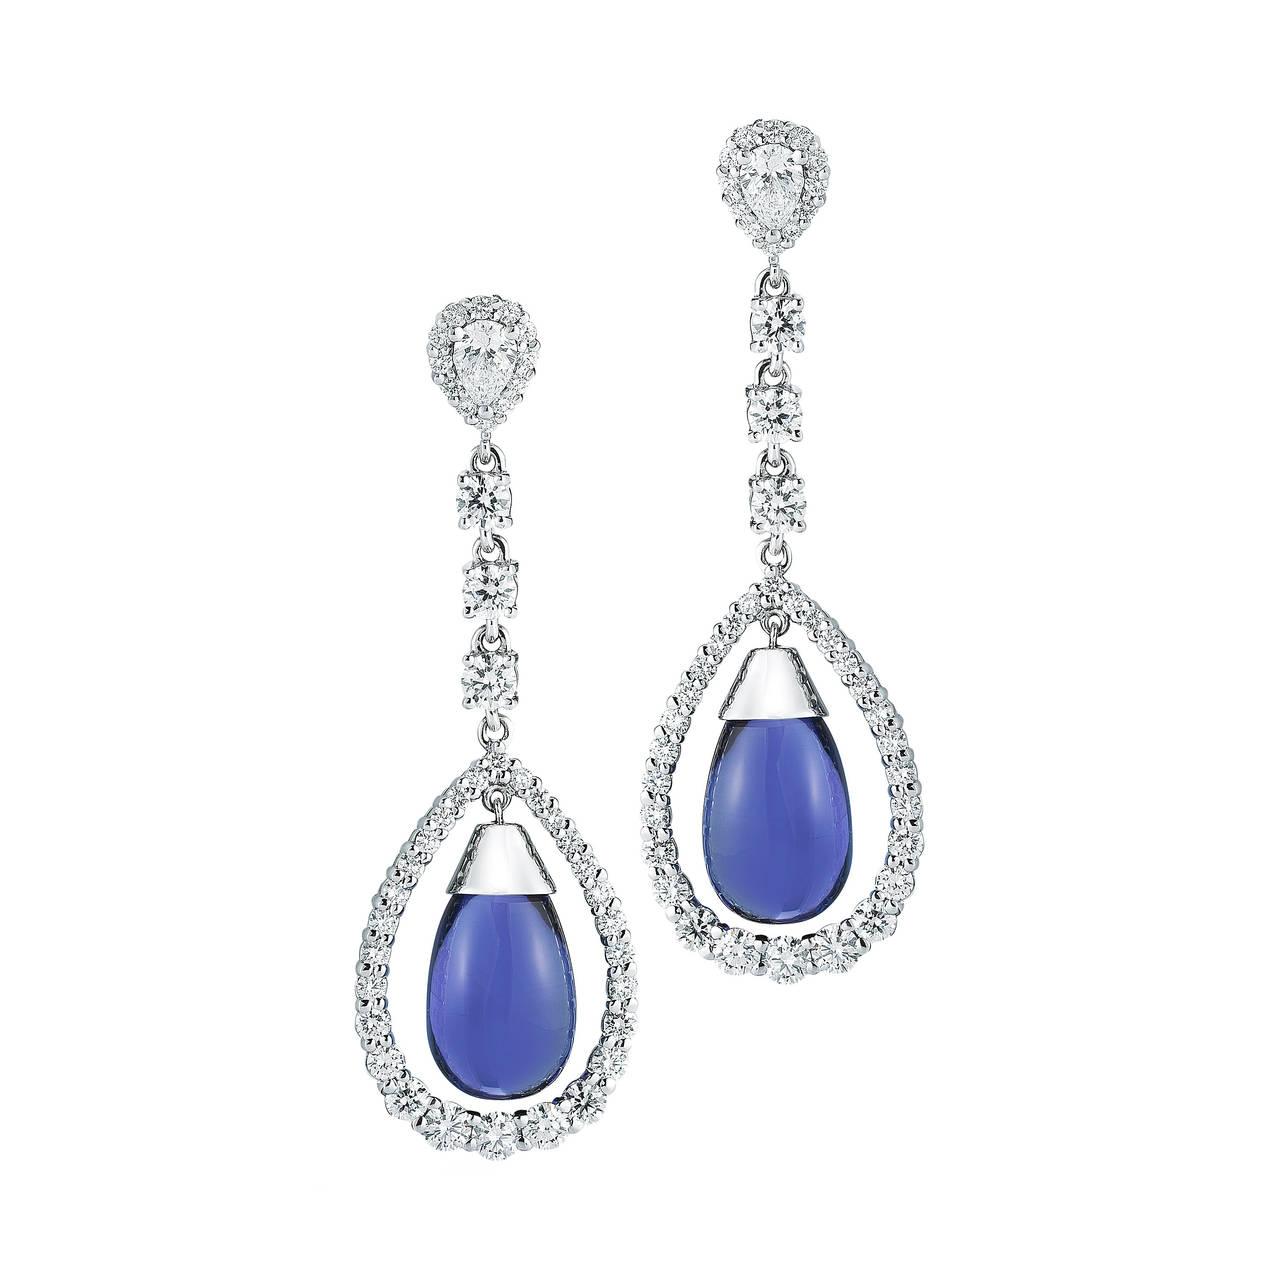 Dangling Tanzanite Tear Drop Diamond Gold Earrings,OFFERED BY  TAKAT